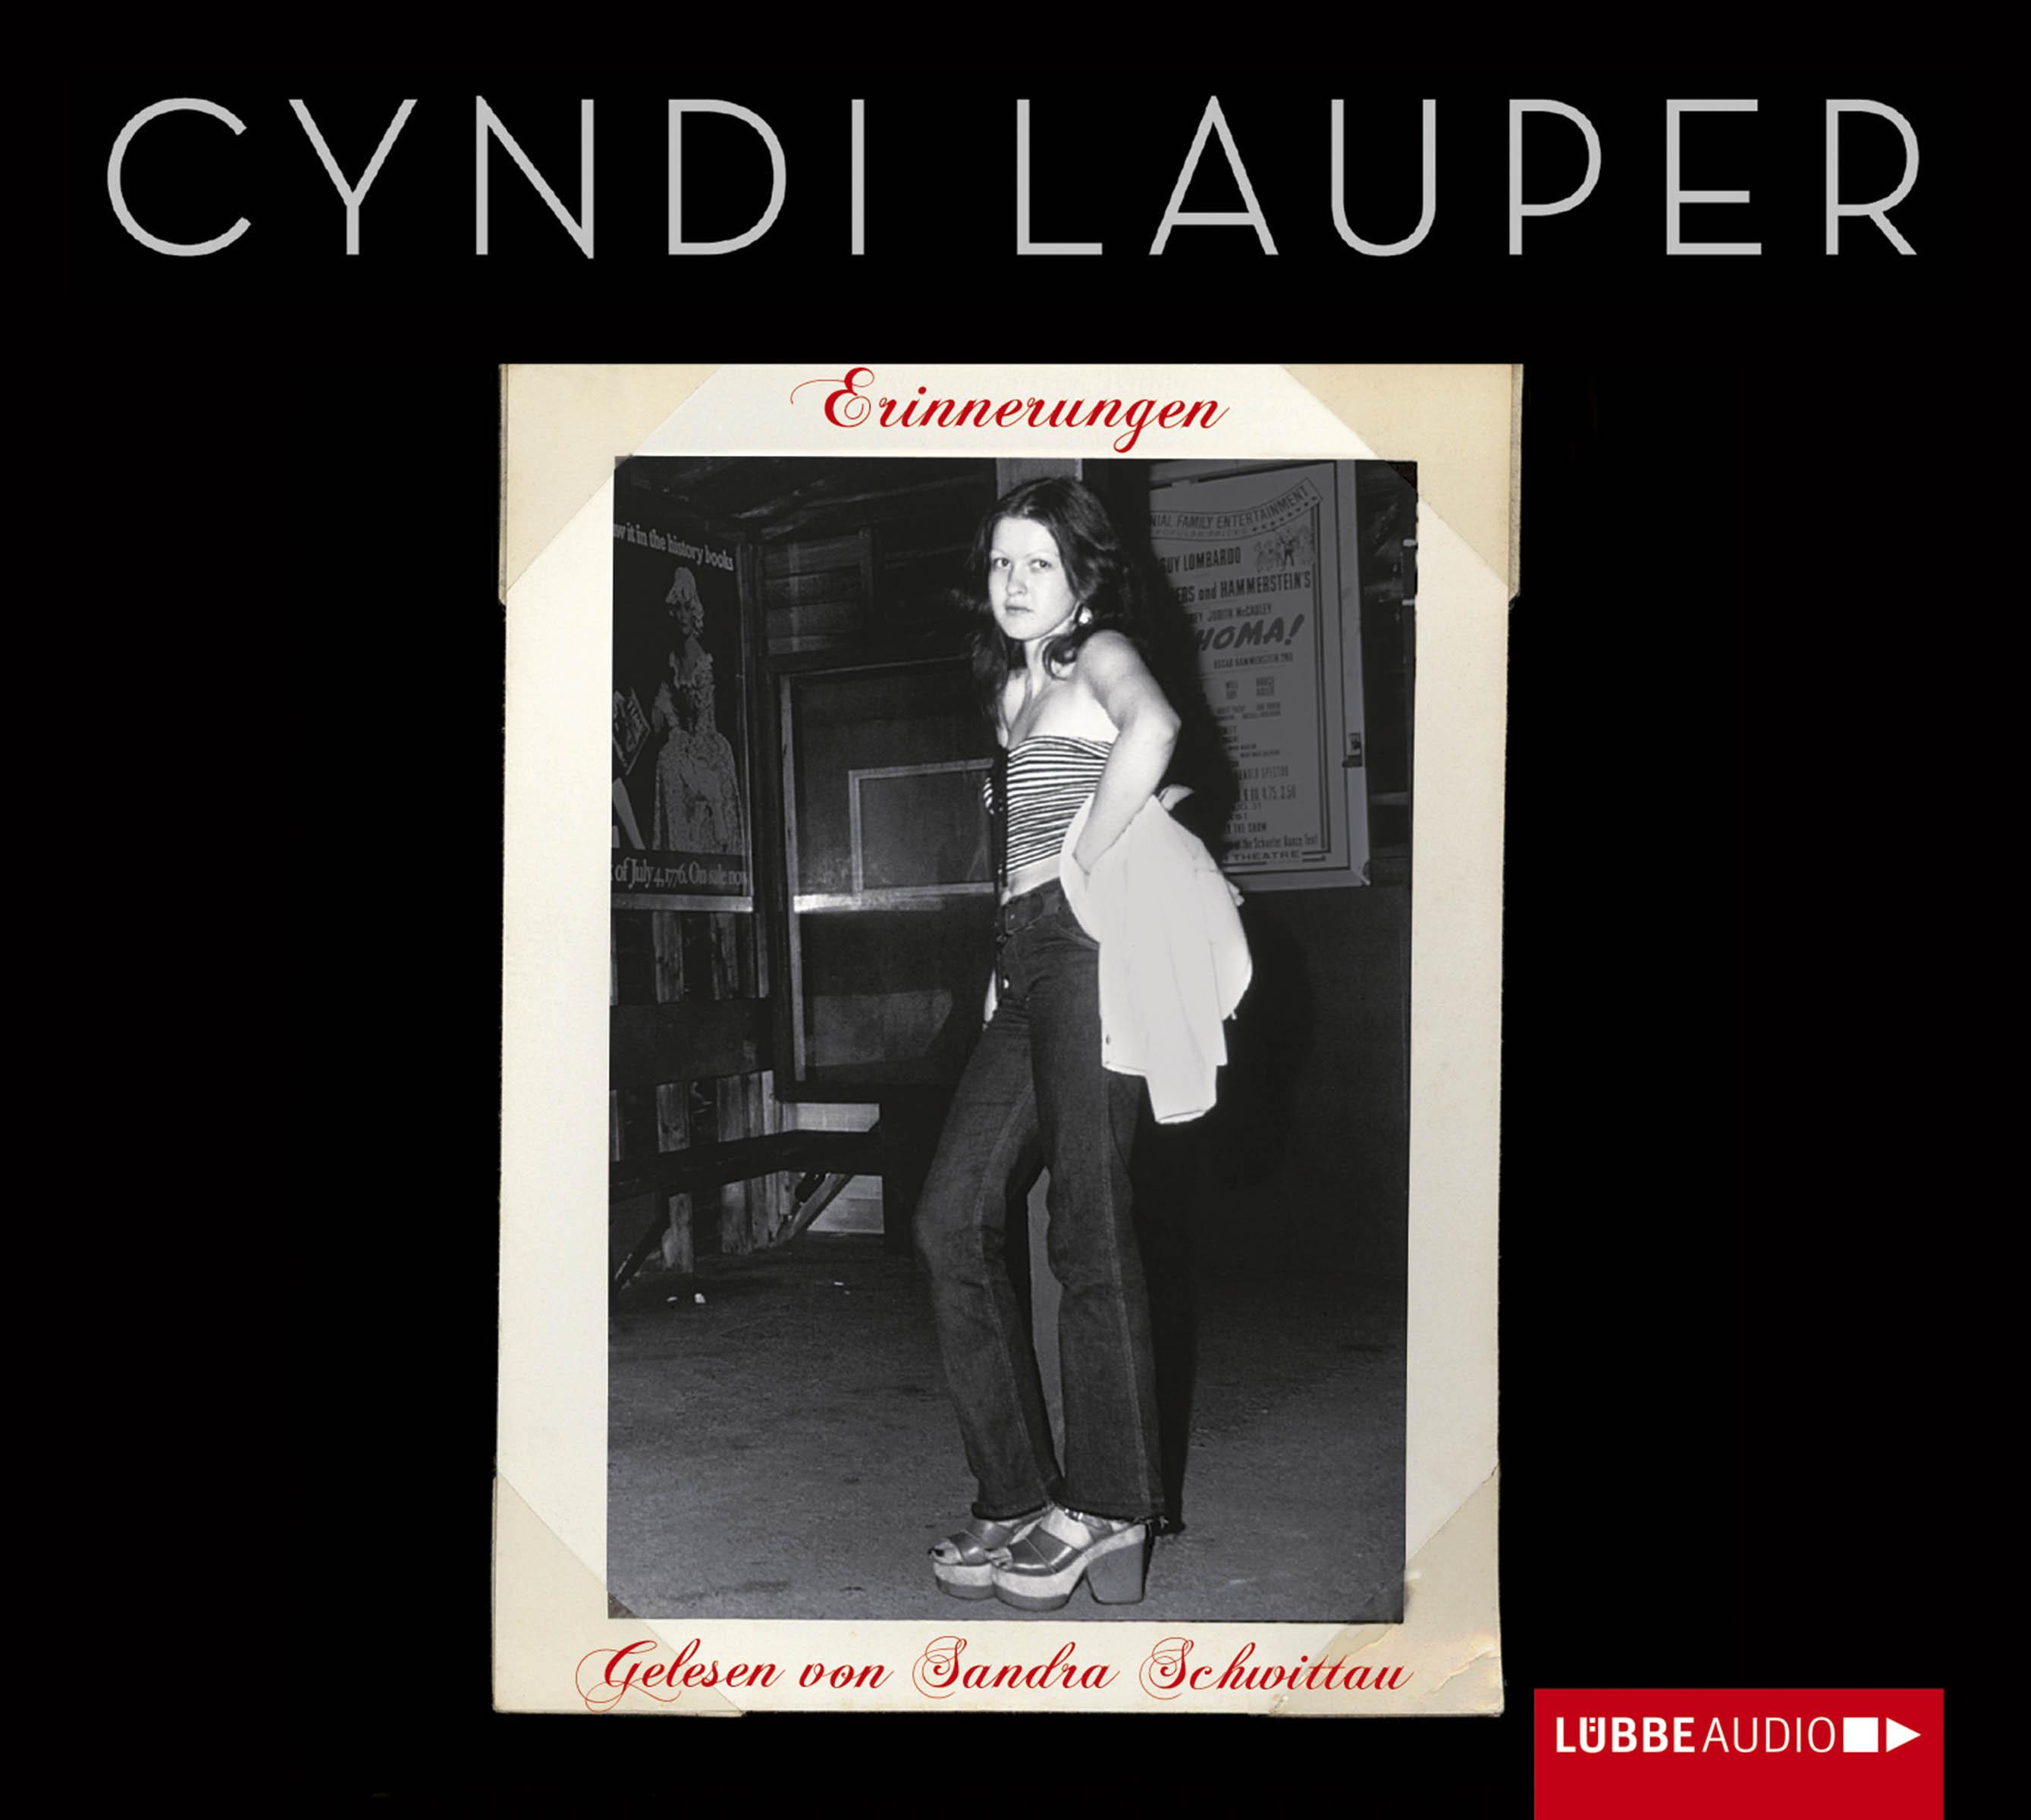 Cyndi Lauper - Erinnerungen